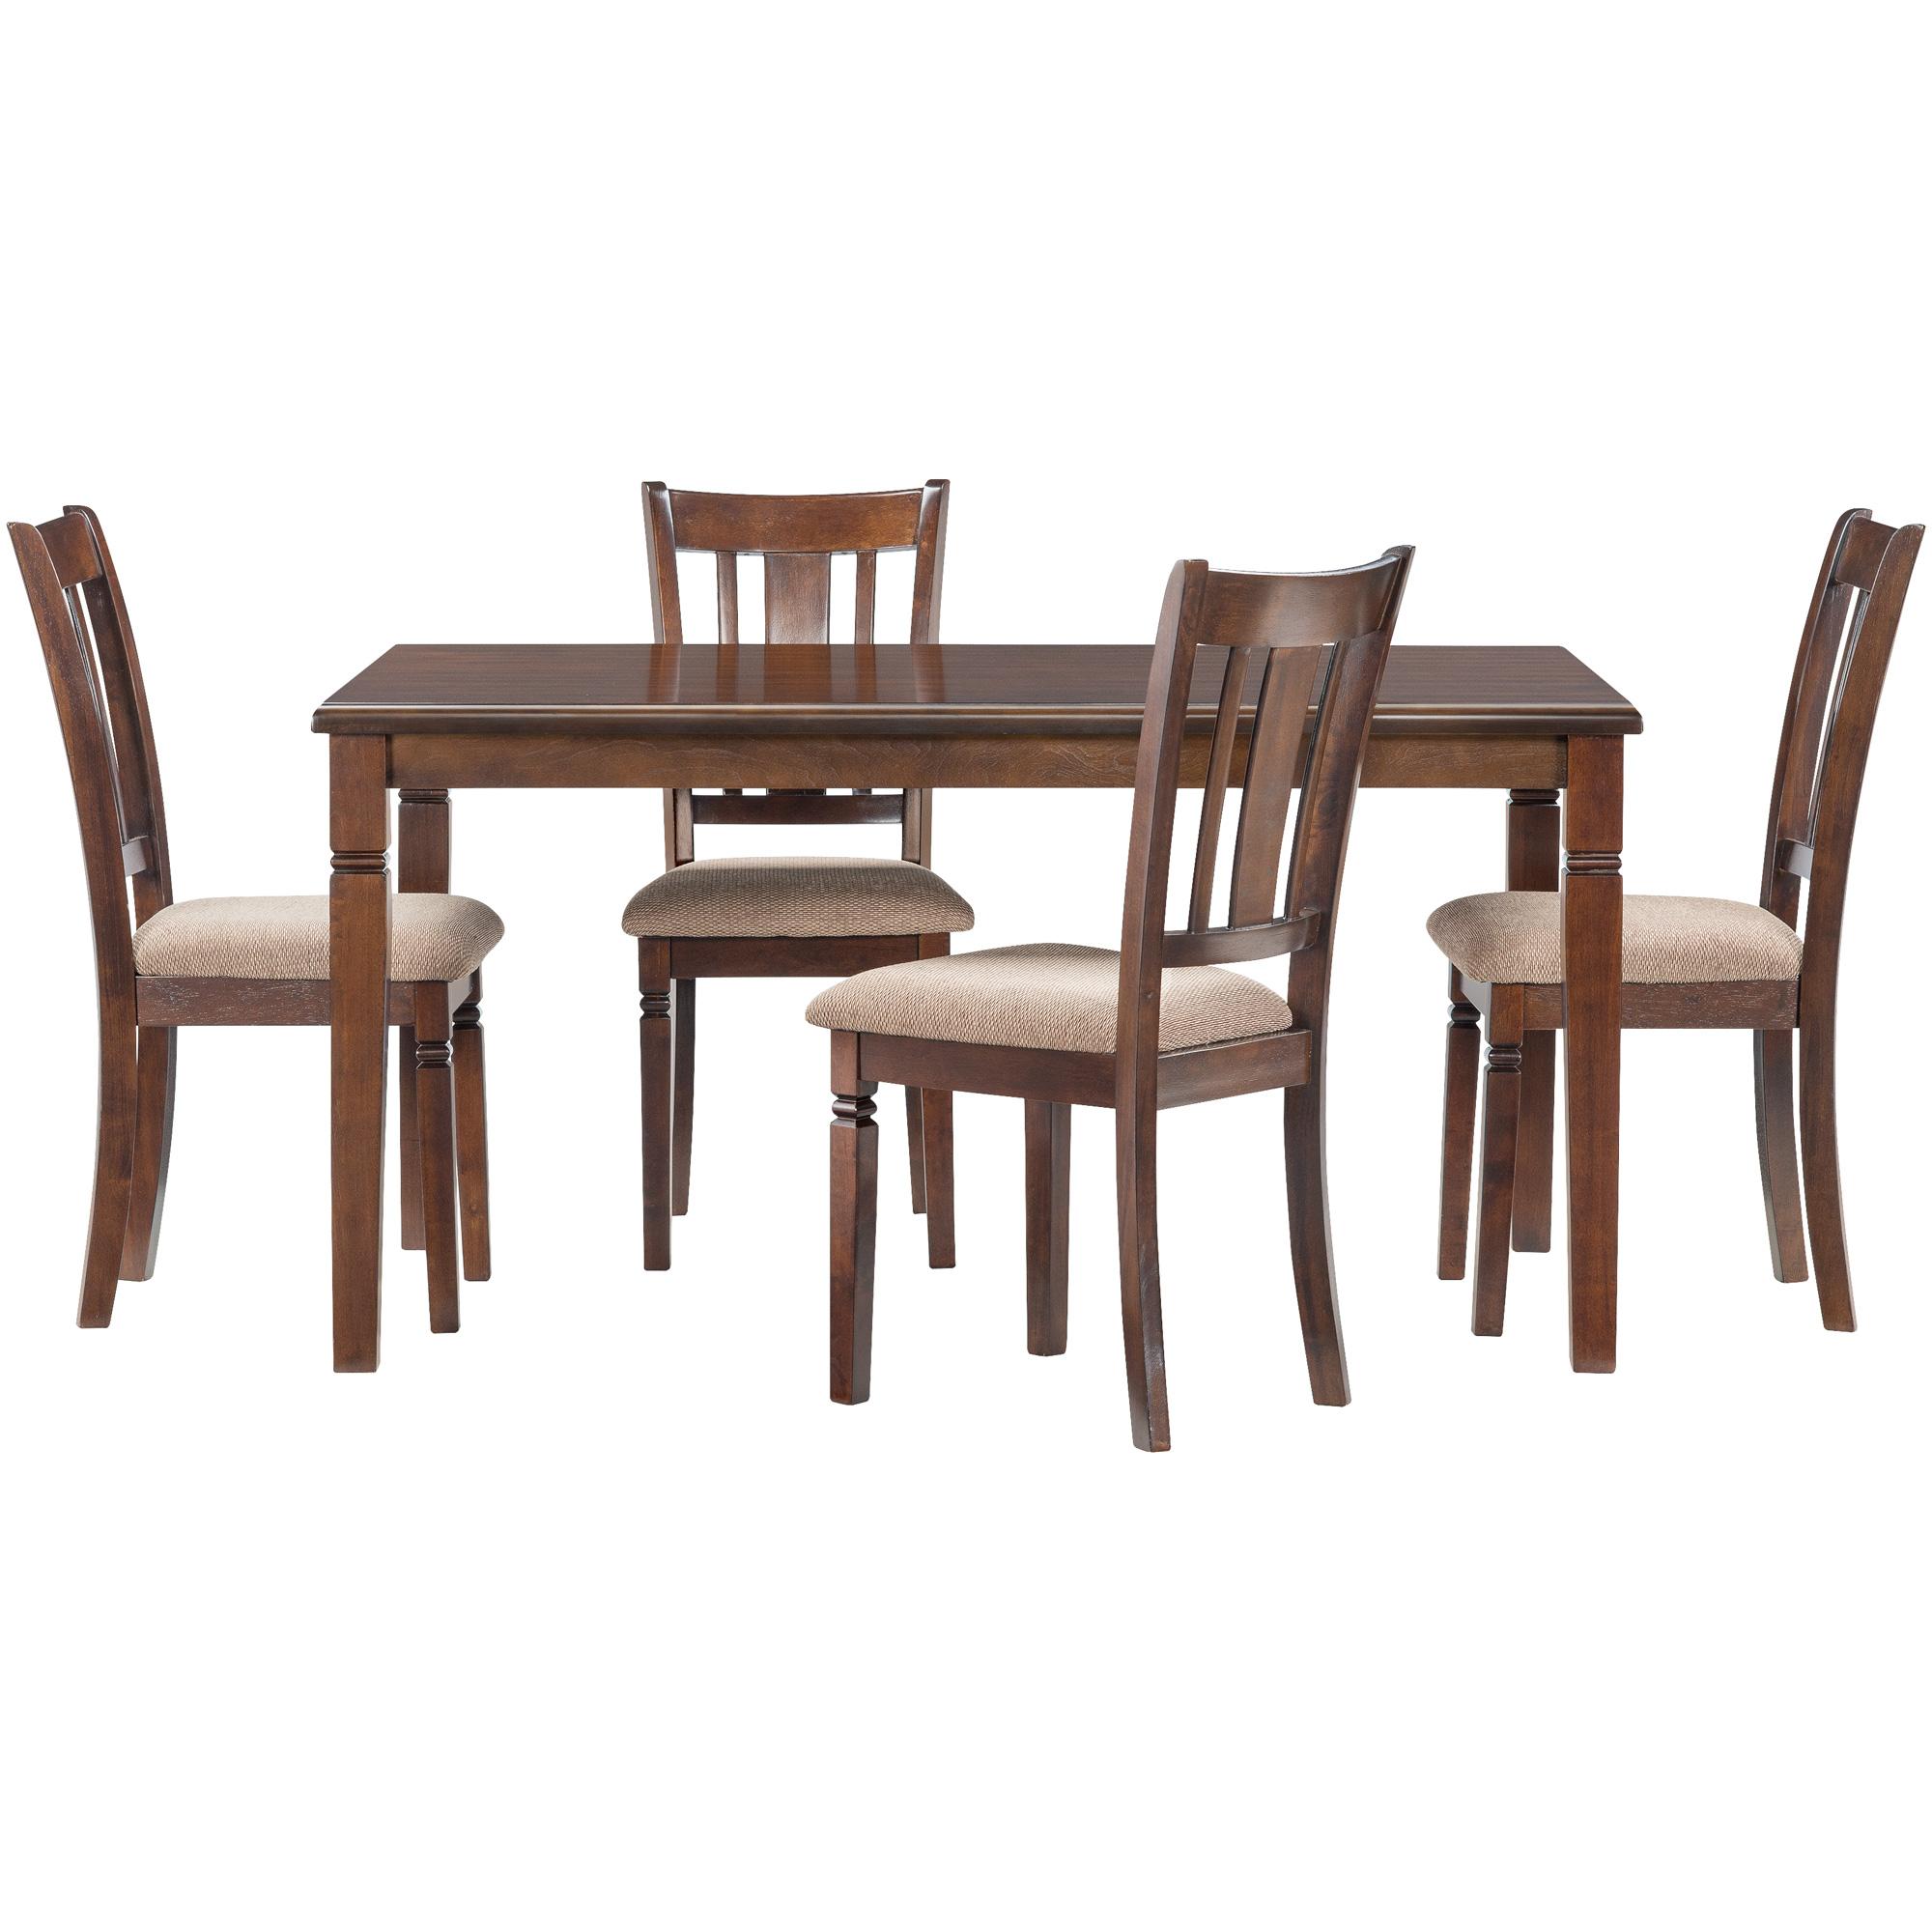 Home Elegance | Durham Espresso 5 Piece Dining Set | Dark Brown